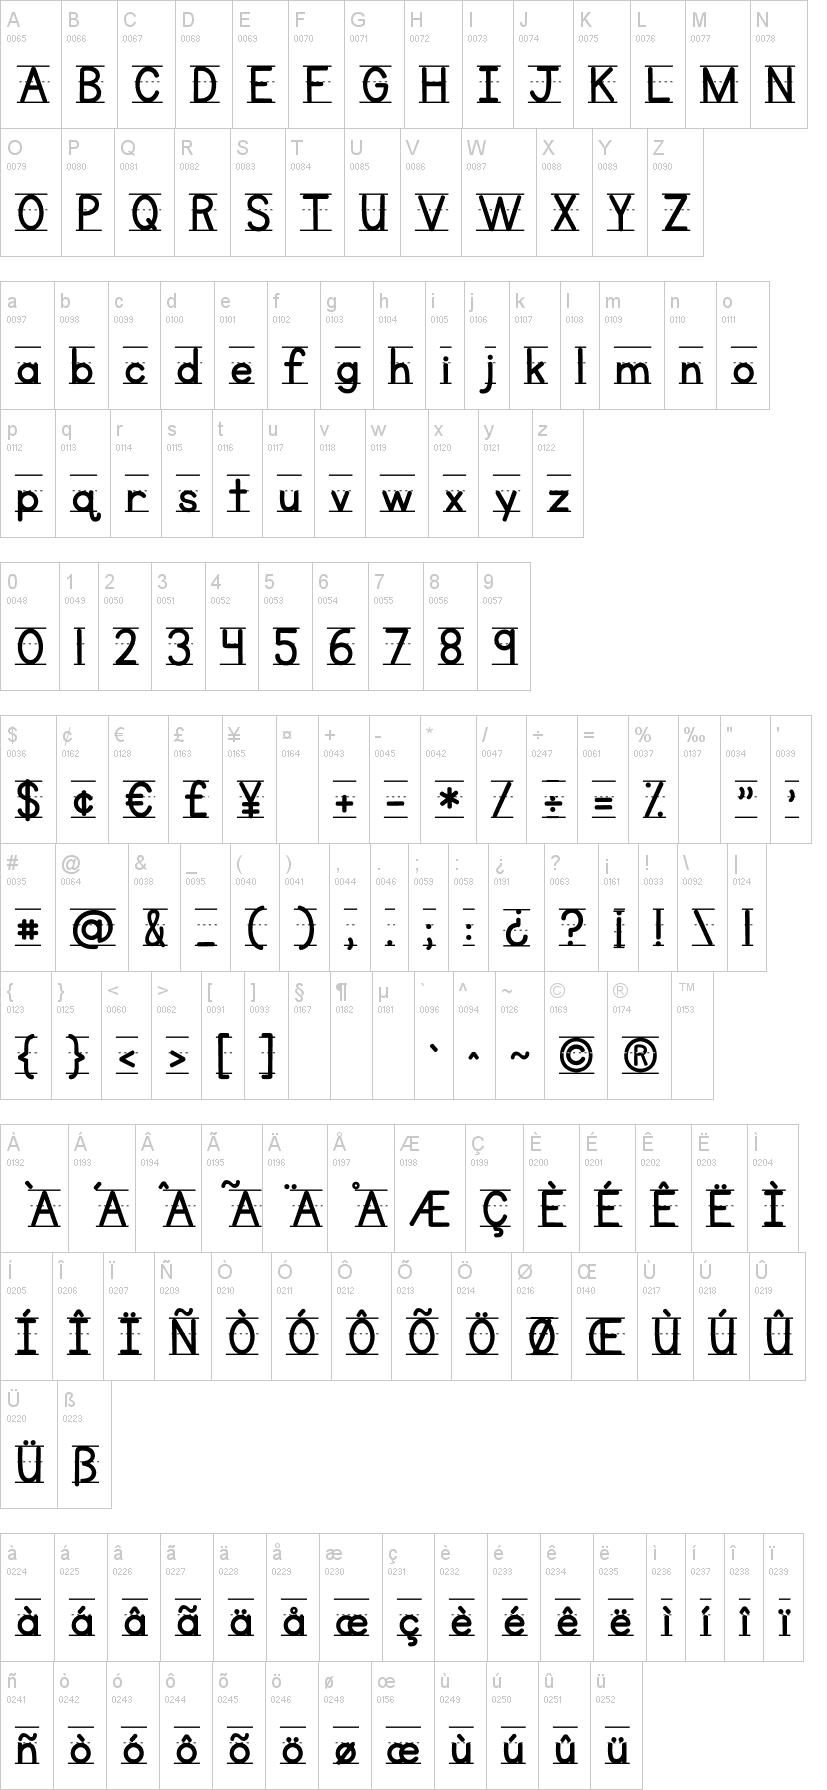 Kg Primary Penmanship Font | Dafont